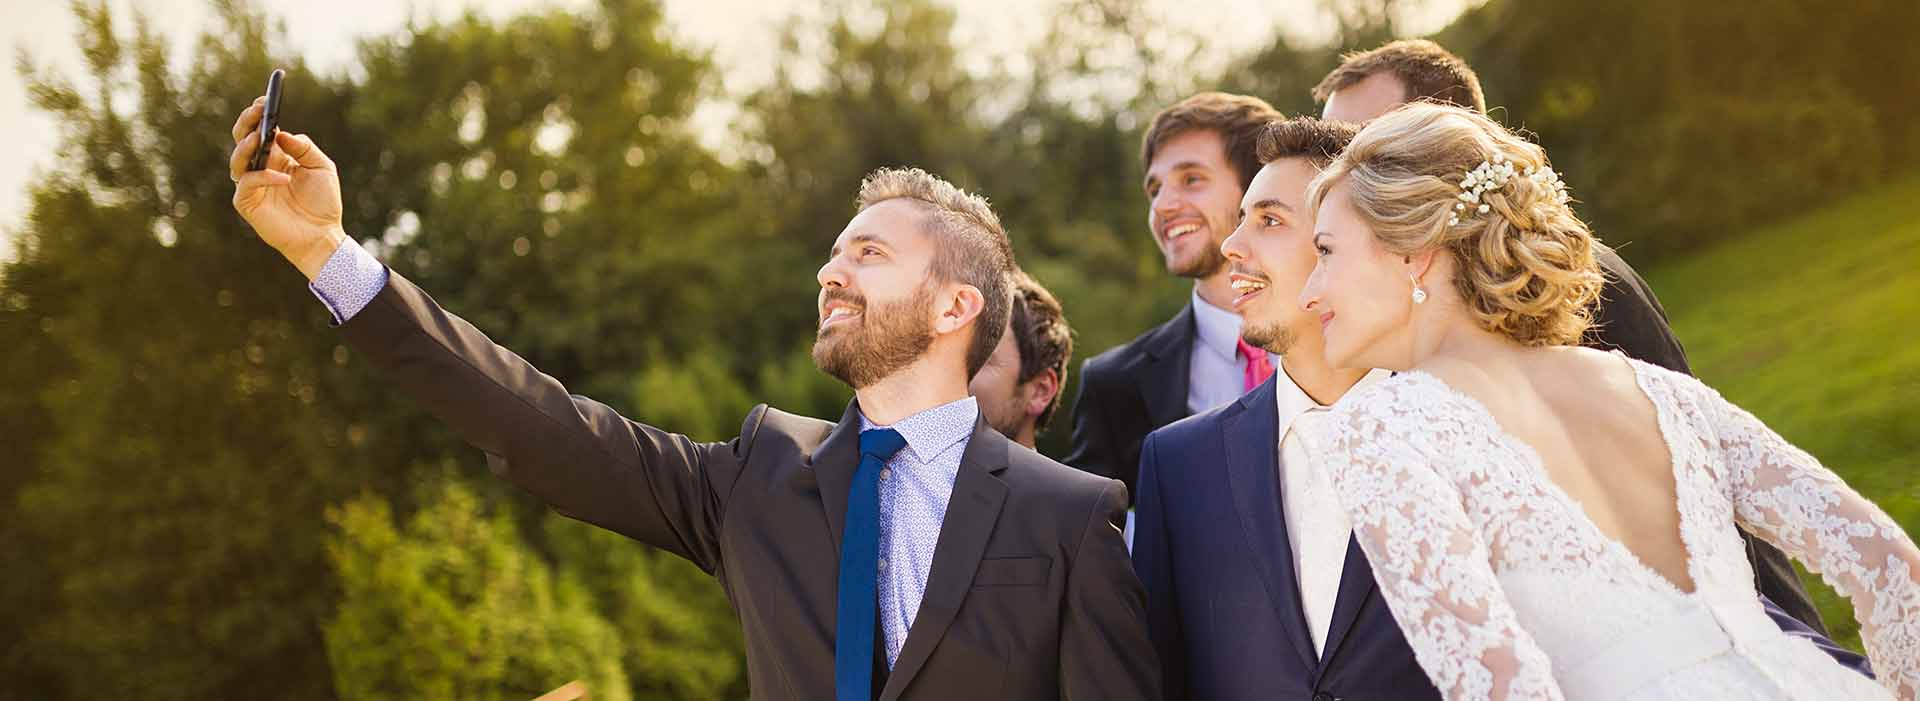 Un gruppo di amici si fa un selfie